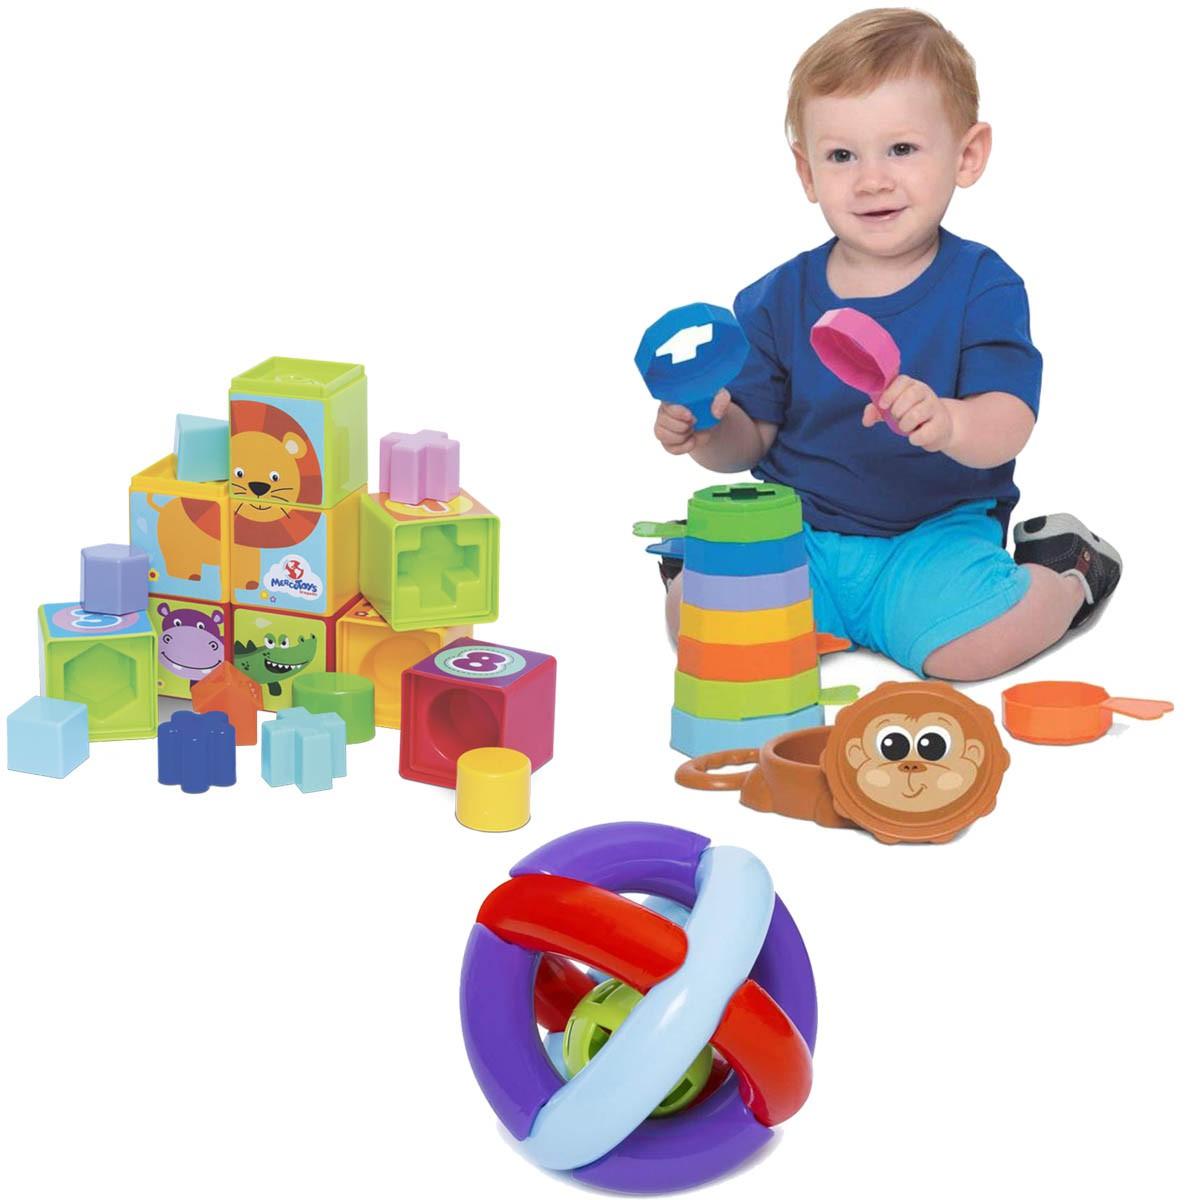 Kit de Brinquedos Educativos Cubinhos + Empilha + Bola